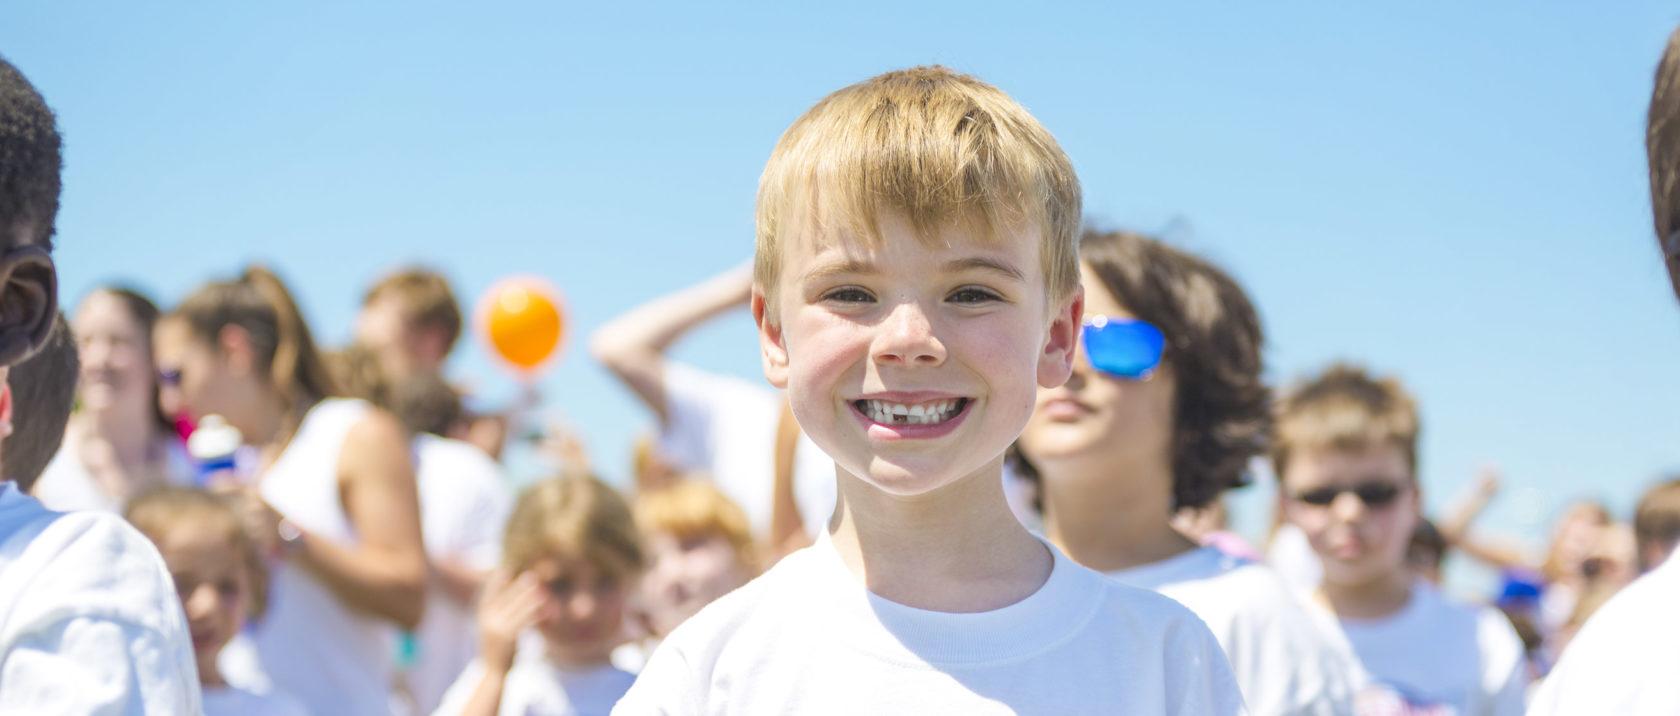 Boy camper smiling